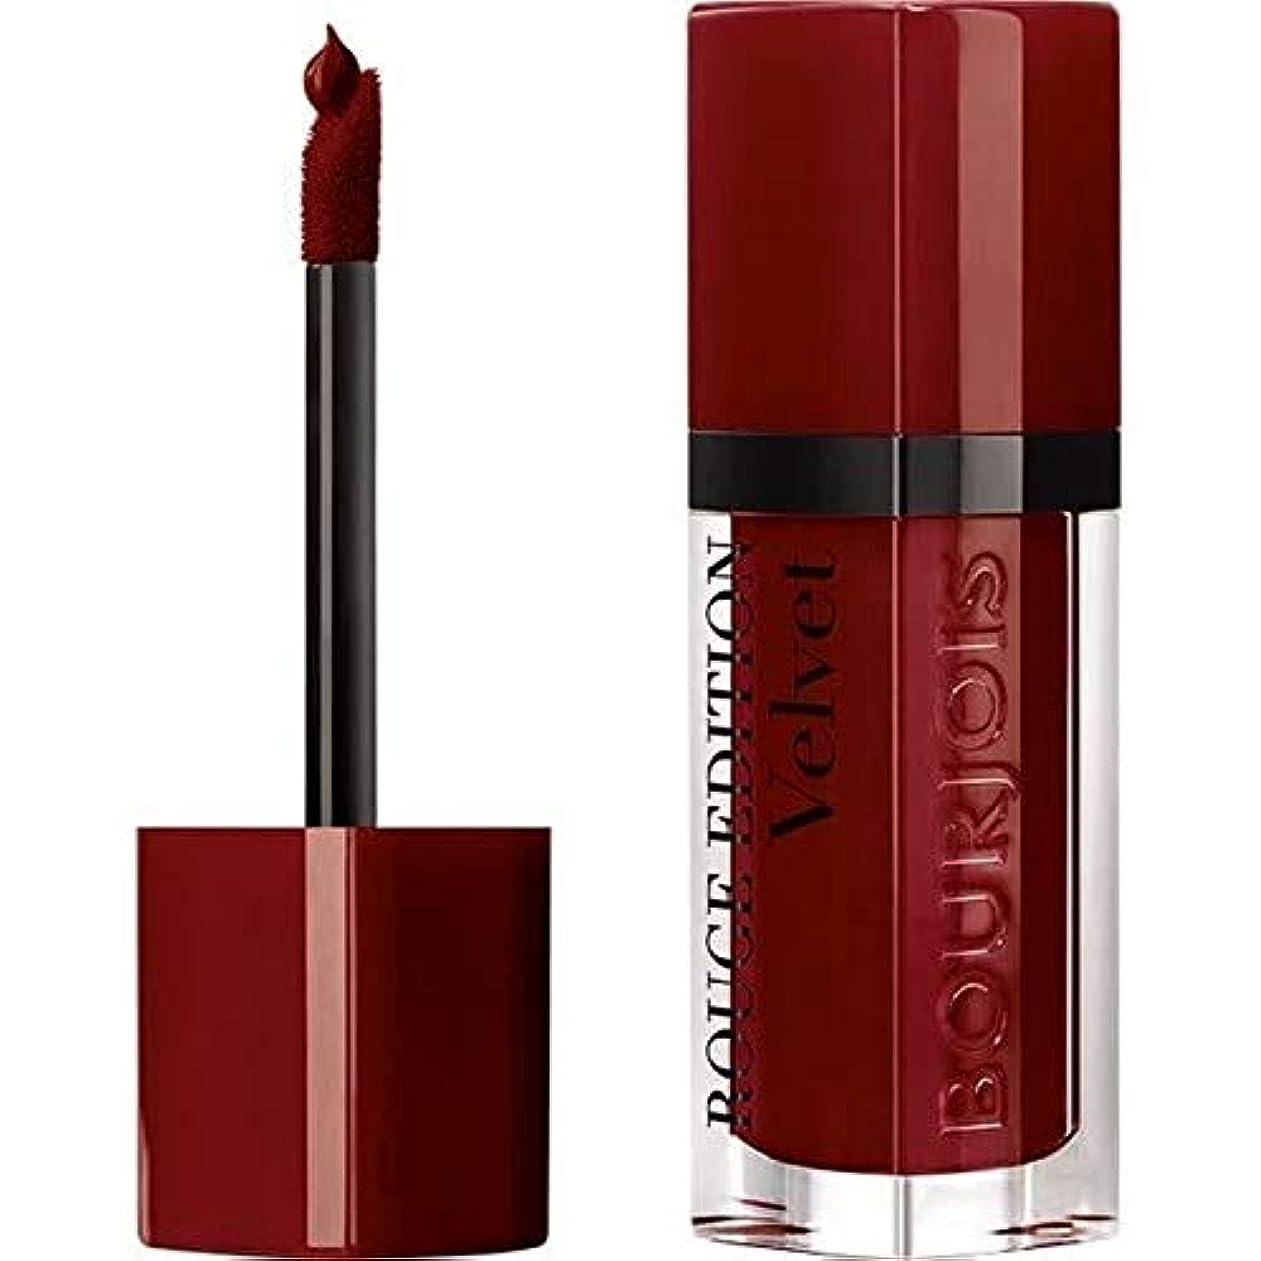 ブラウン追跡雰囲気[Bourjois ] ブルジョワルージュ版のベルベットの口紅ジョリー?ド?ヴァン19 - Bourjois Rouge Edition Velvet Lipstick Jolie-De-Vin 19 [並行輸入品]